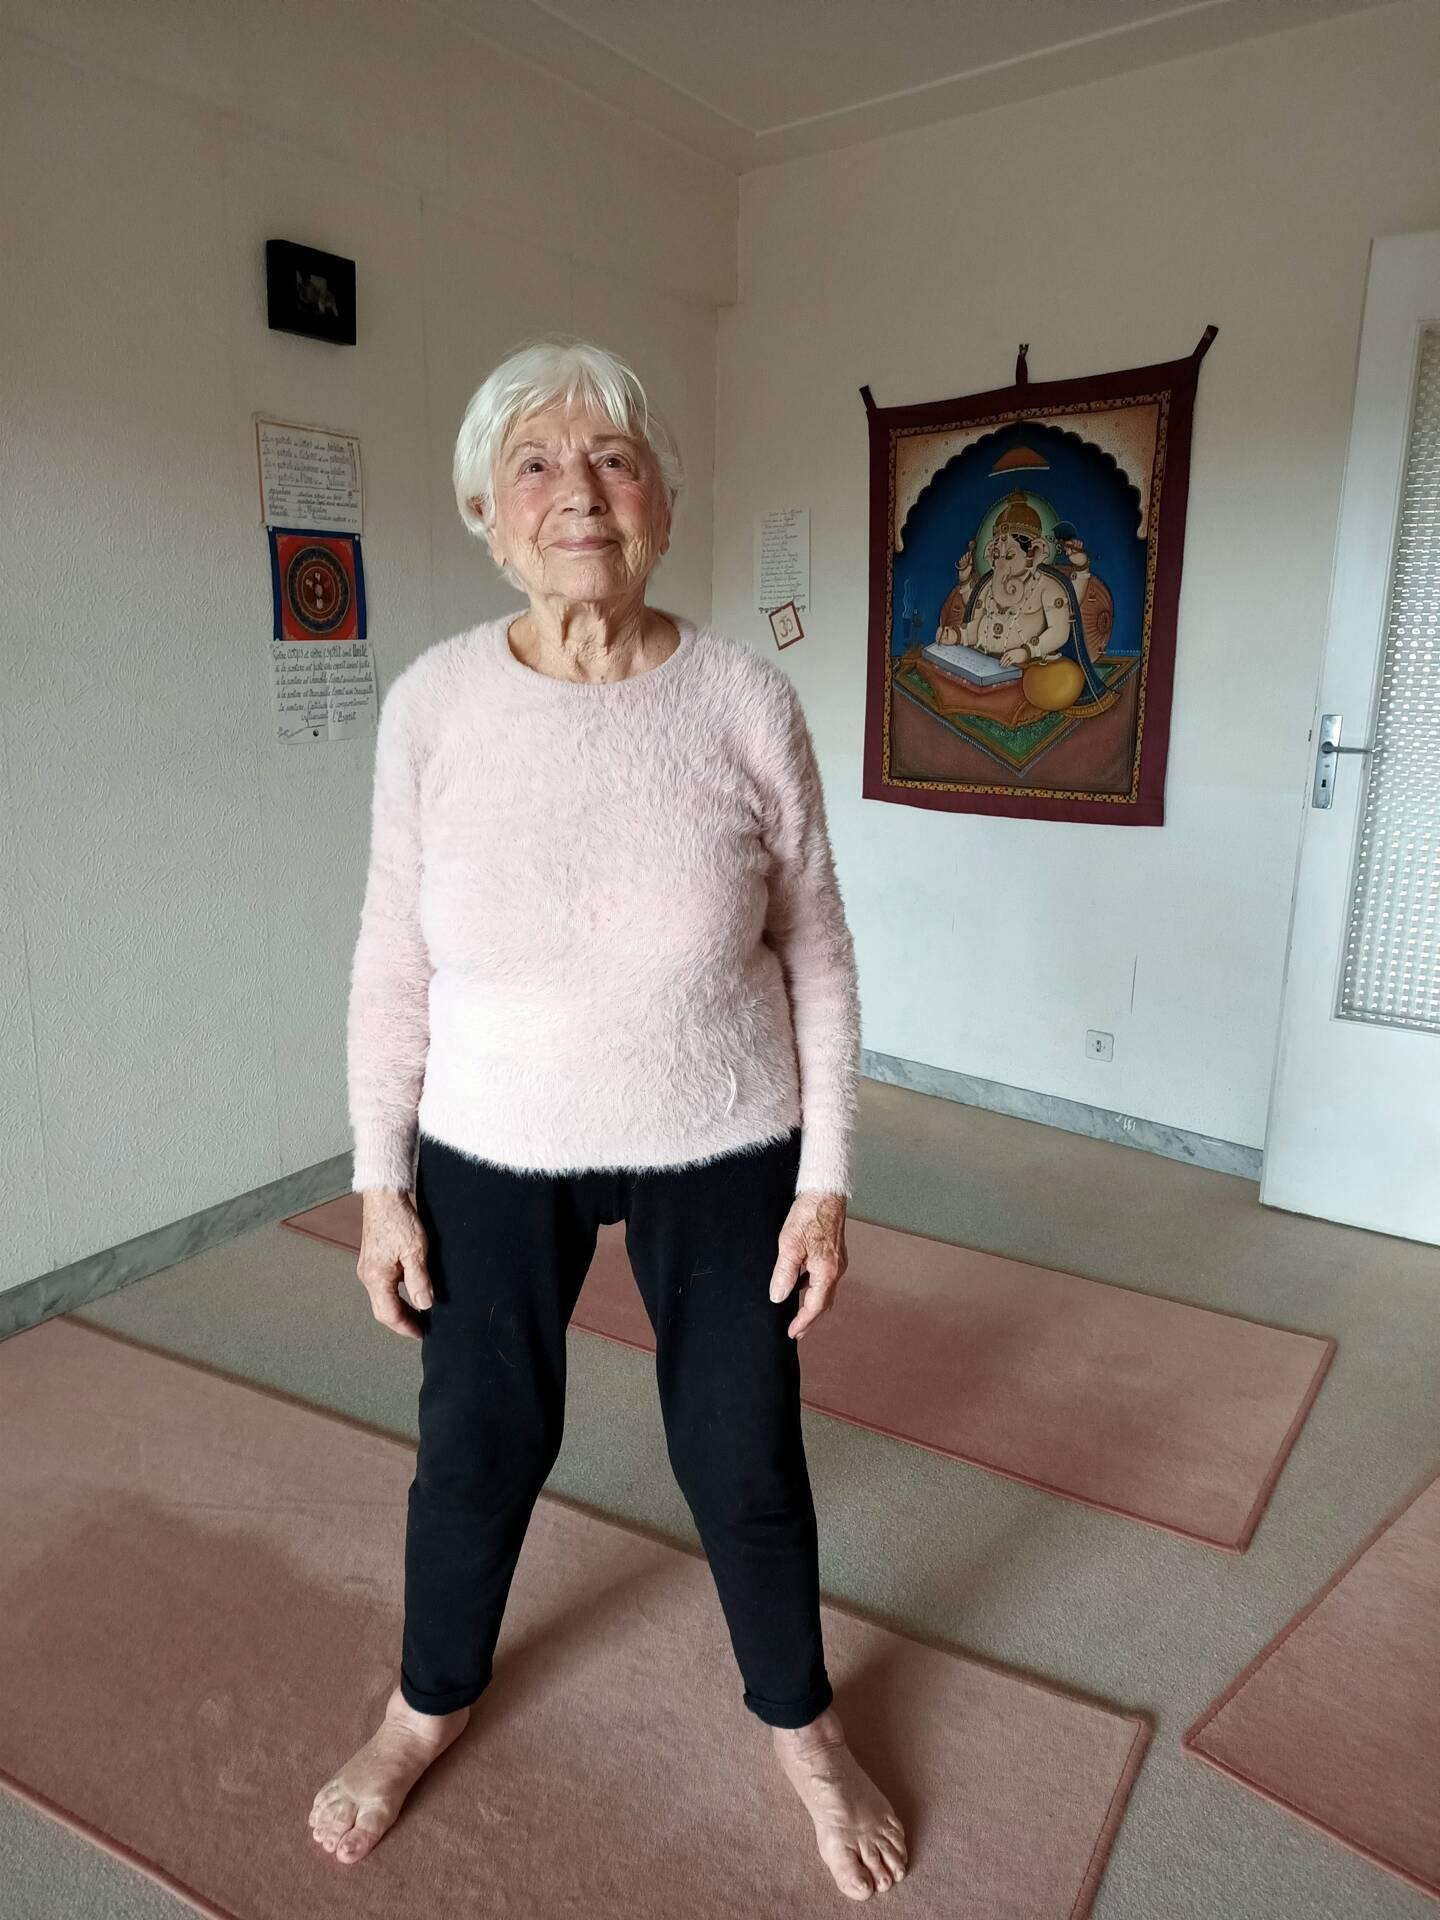 Pratiquante depuis 60 ans, Jacquie enseigne aussi le yoga à presque 100 ans. Une énergie débordante et une clarté d'esprit qu'elle dit devoir à cette discipline ancestrale qui allie corps et esprit.